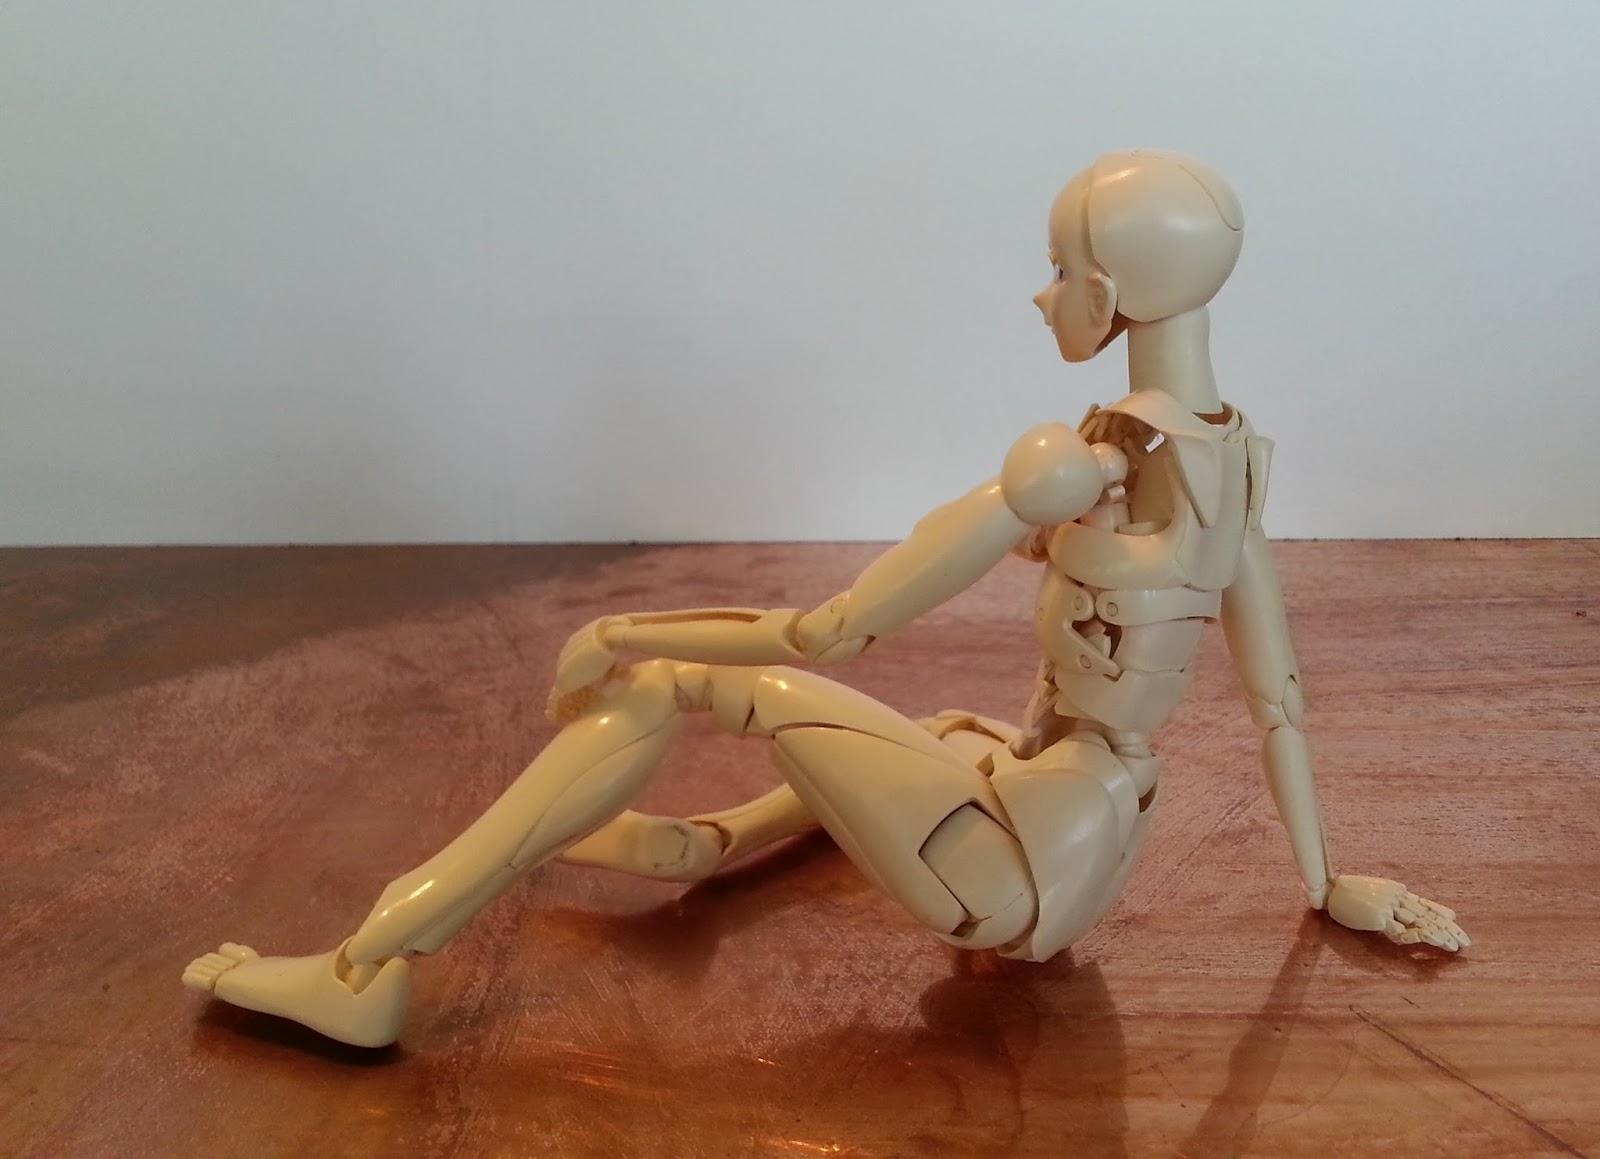 CrabFu Blog: SFBT-3 Artist Figure Review